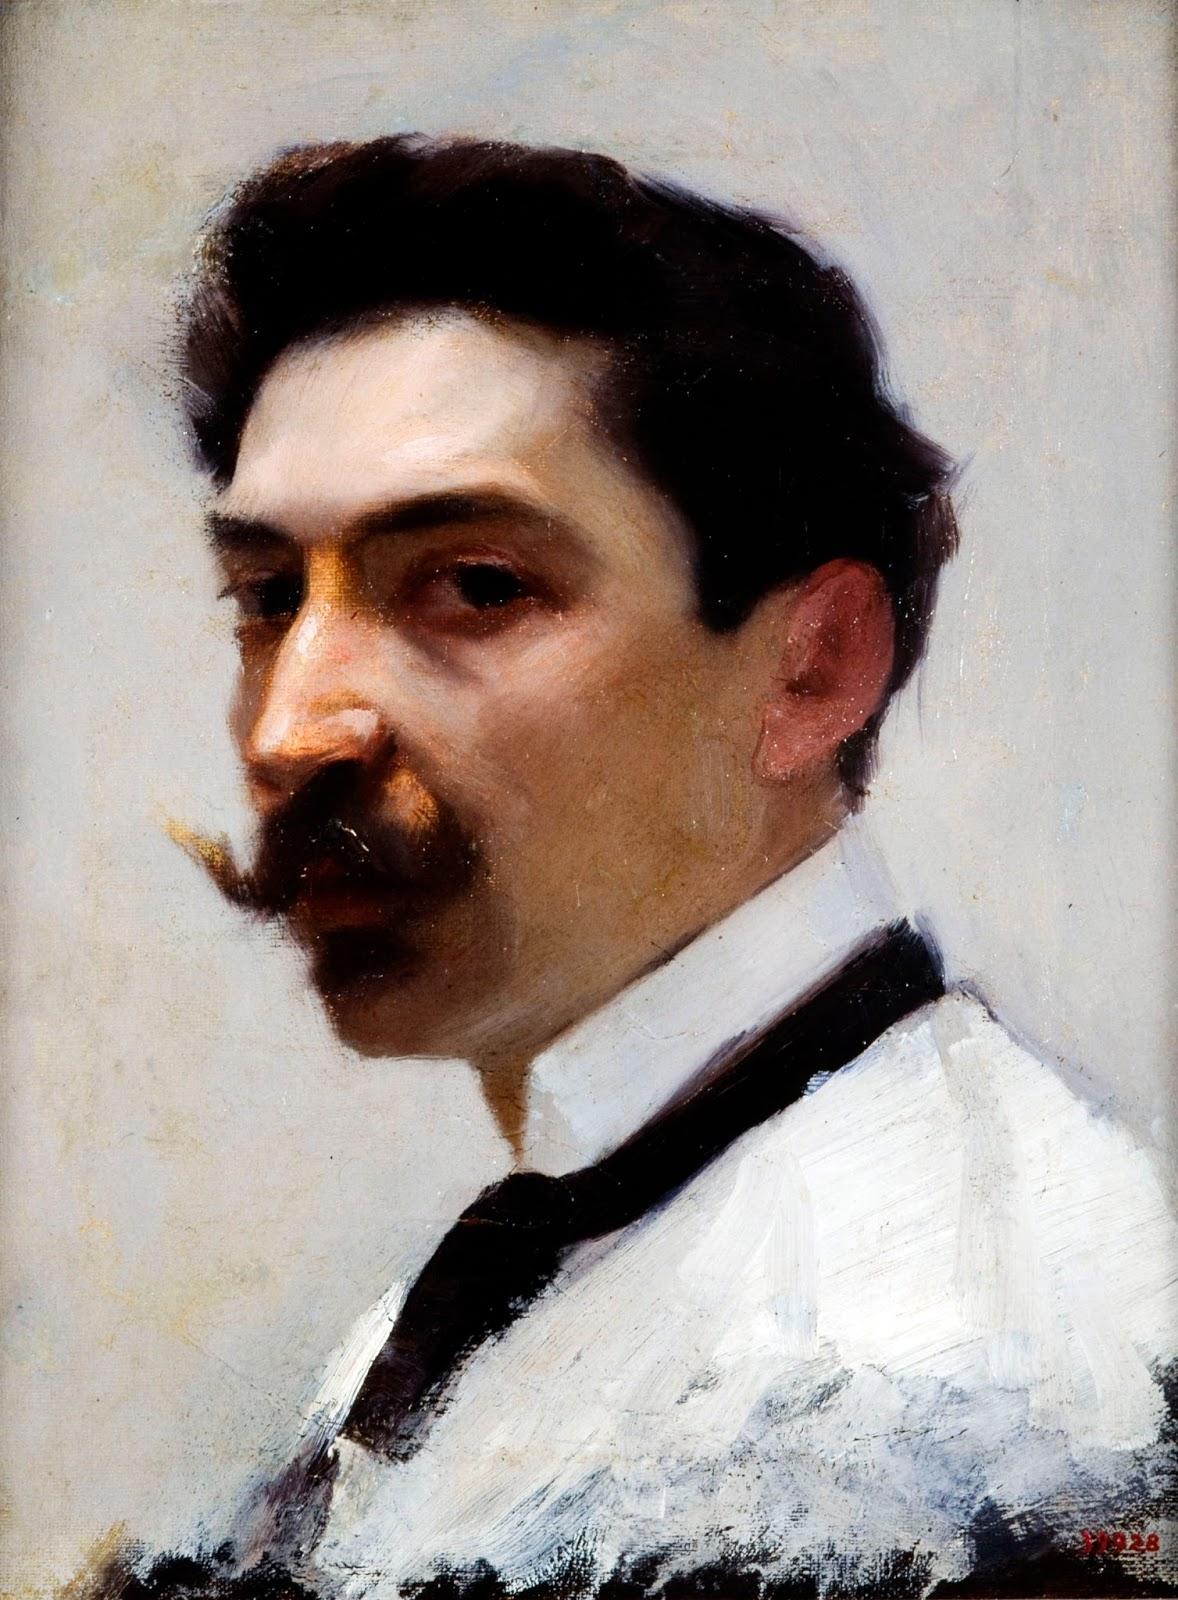 Segundo Matilla y Marina, Pintores Realistas Españoles, Galería de retratos figurativos, Autorretrato, Pintor español, Segundo Matilla